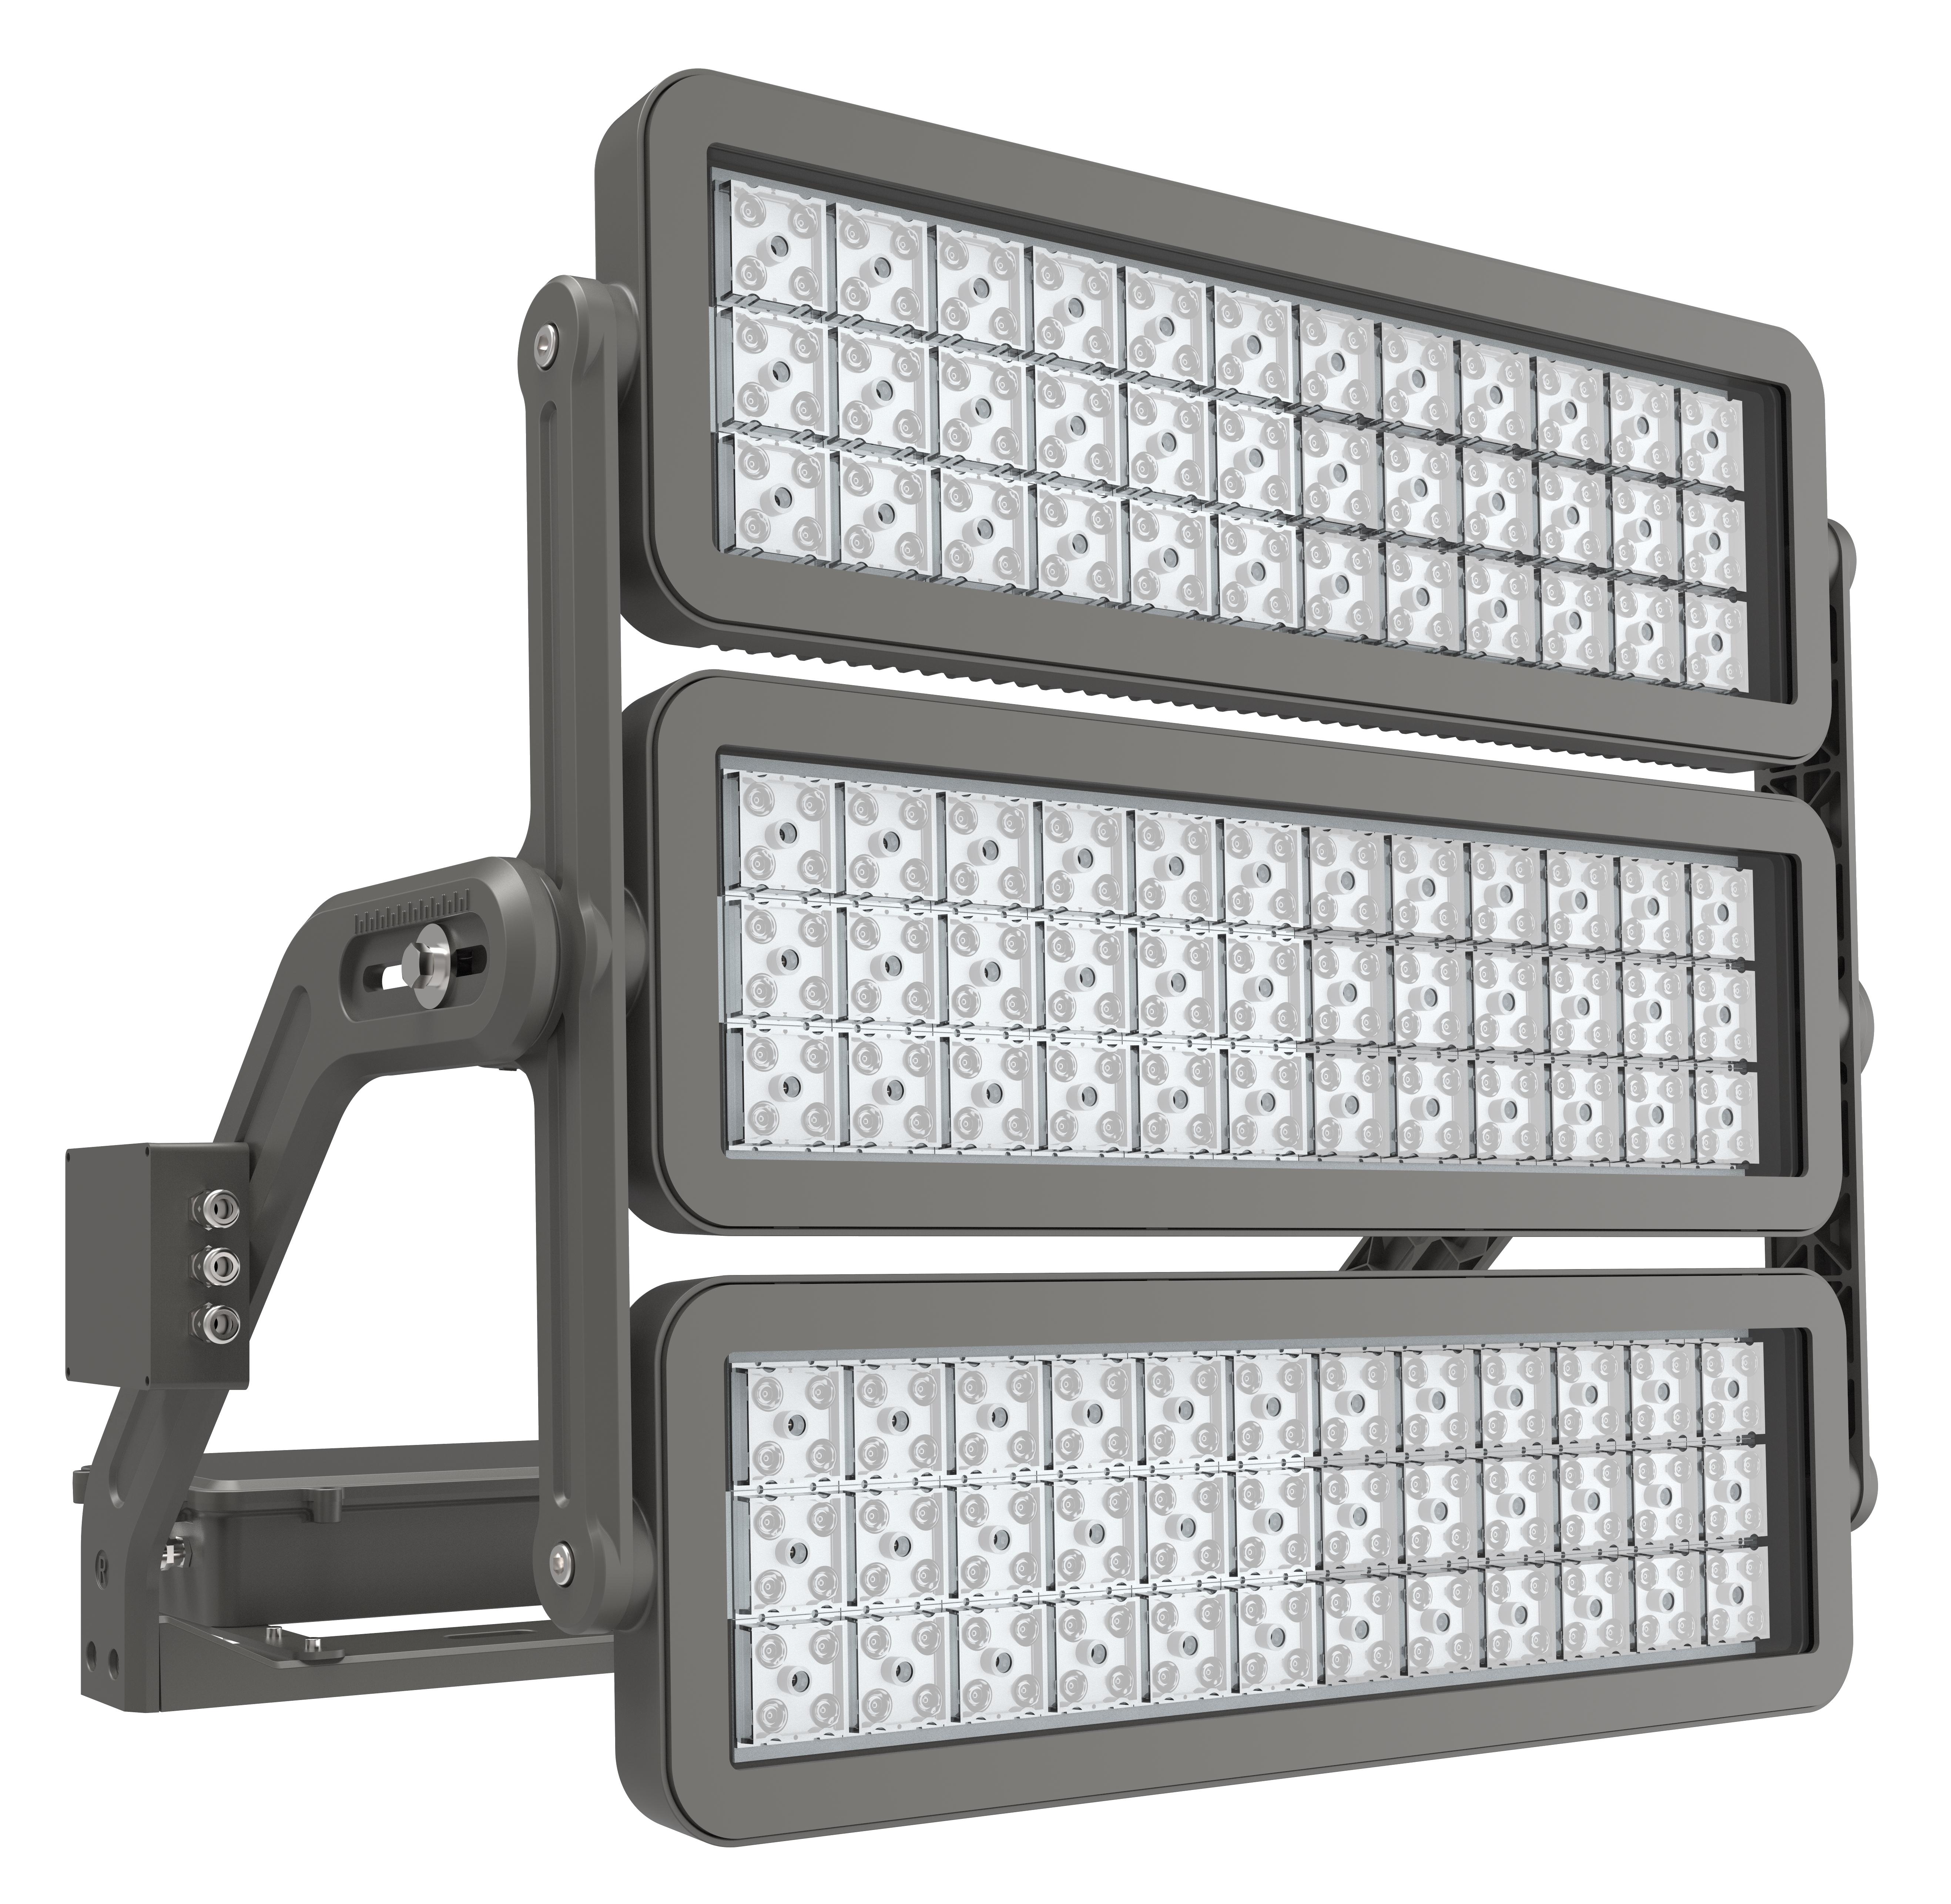 Dış mekan aydınlatması için Vestel'den akılcı çözüm: Floodlight